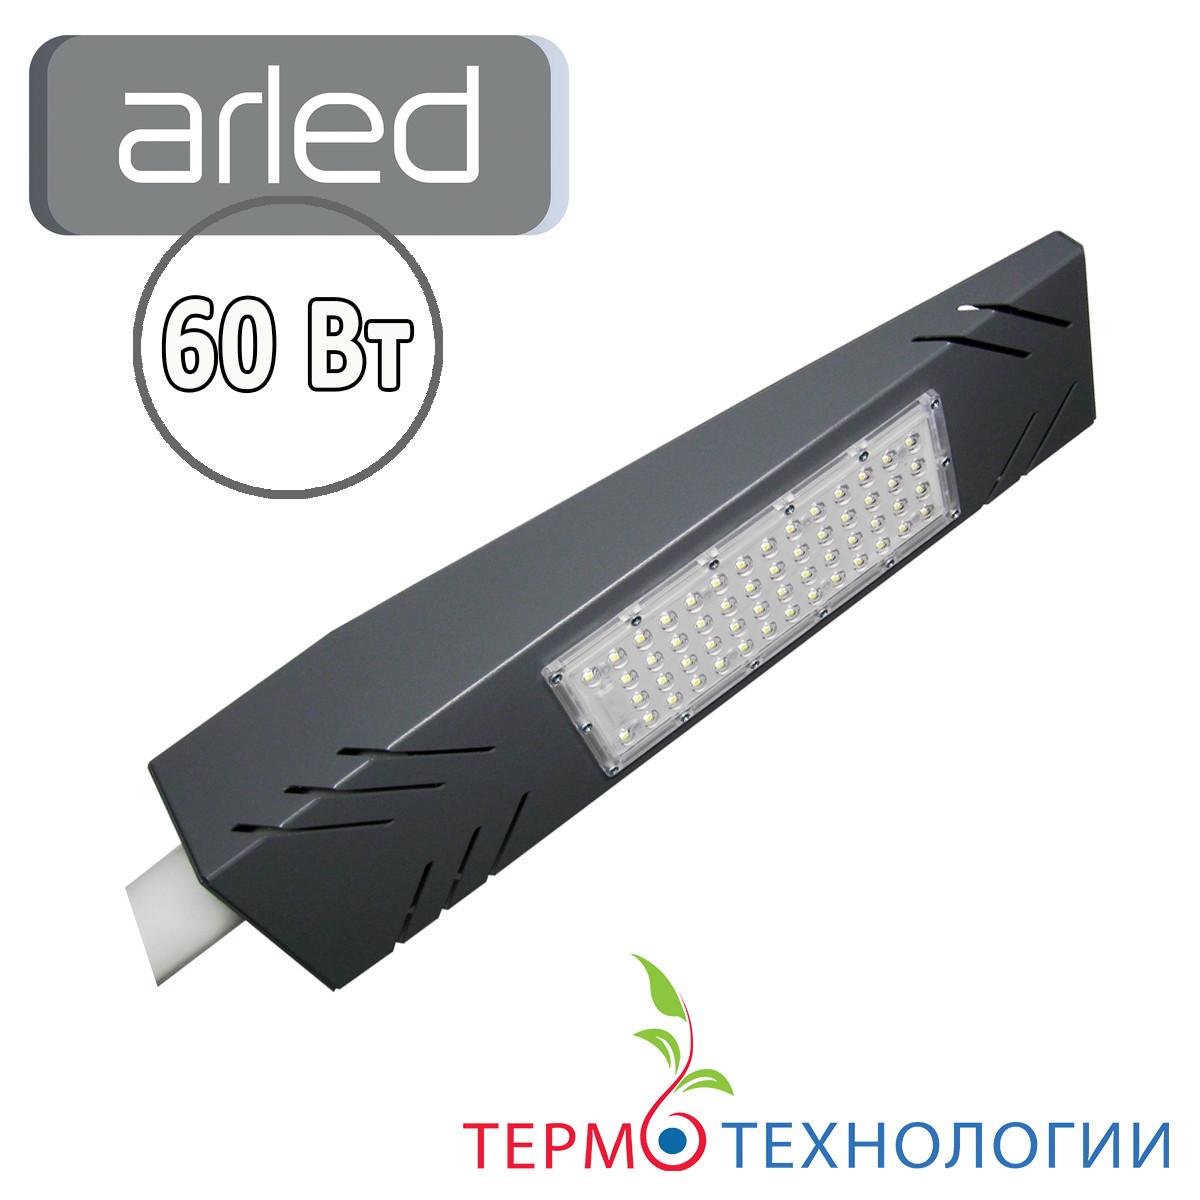 Светодиодный светильник LEDO 60 Вт